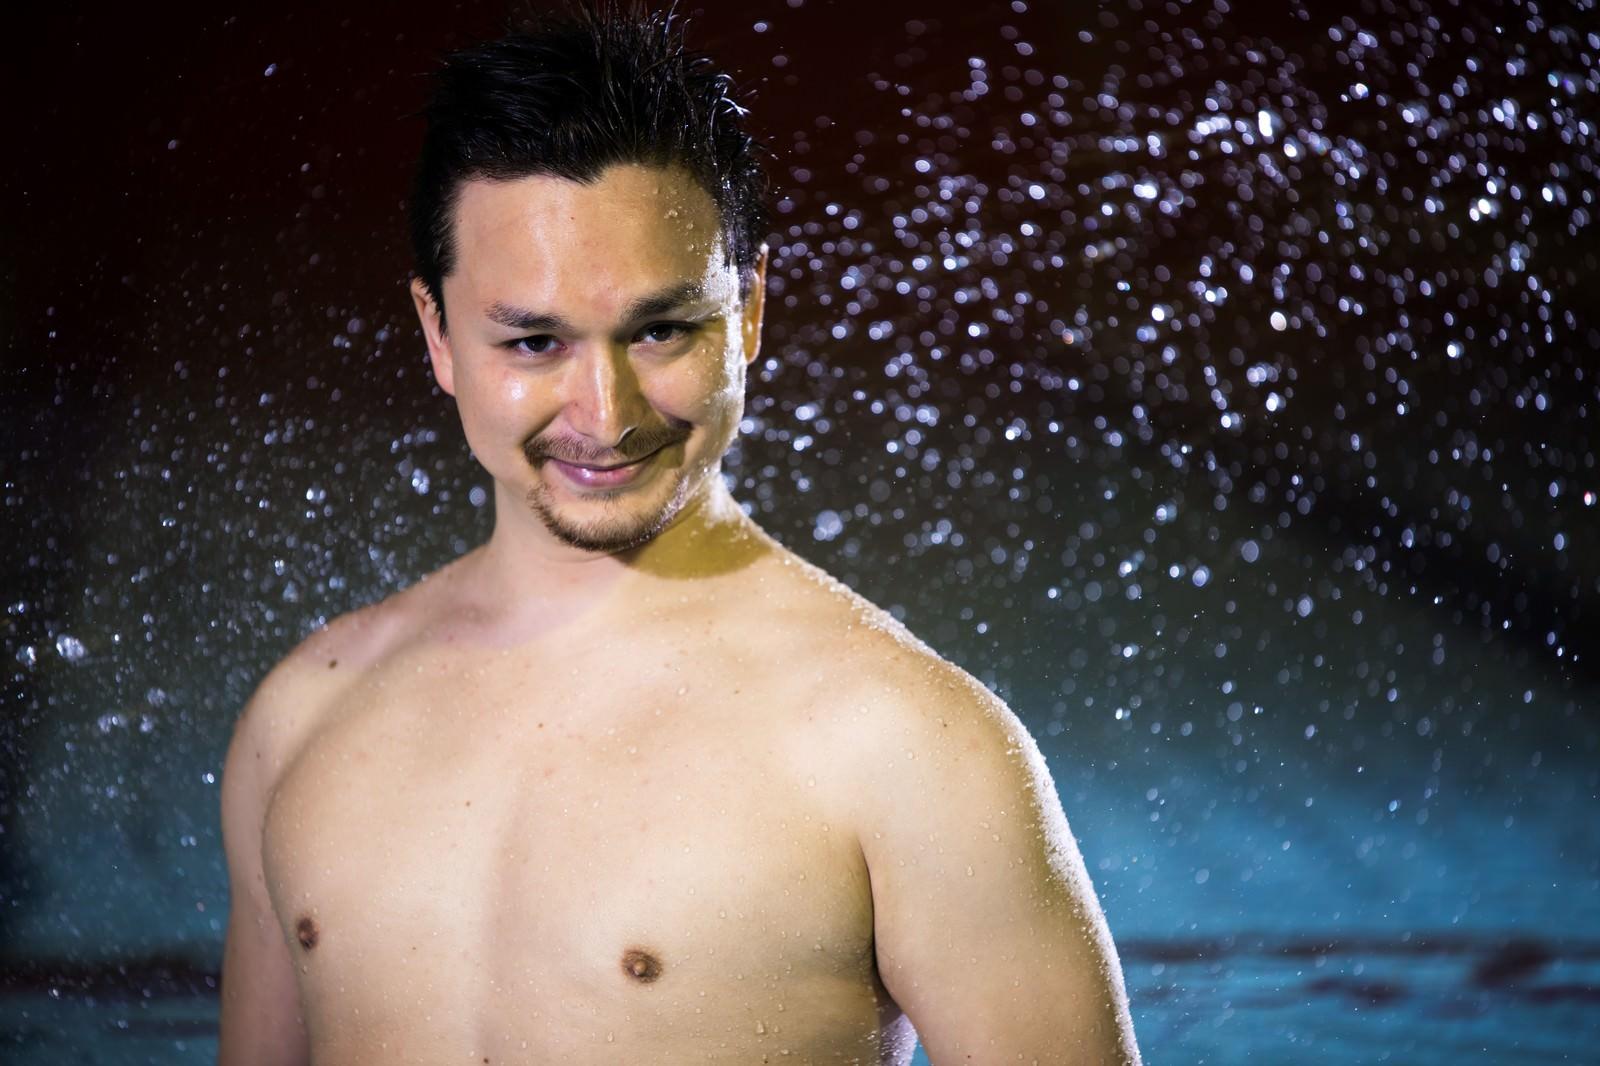 「プールと水しぶきとドイツ人ハーフプールと水しぶきとドイツ人ハーフ」[モデル:Max_Ezaki]のフリー写真素材を拡大